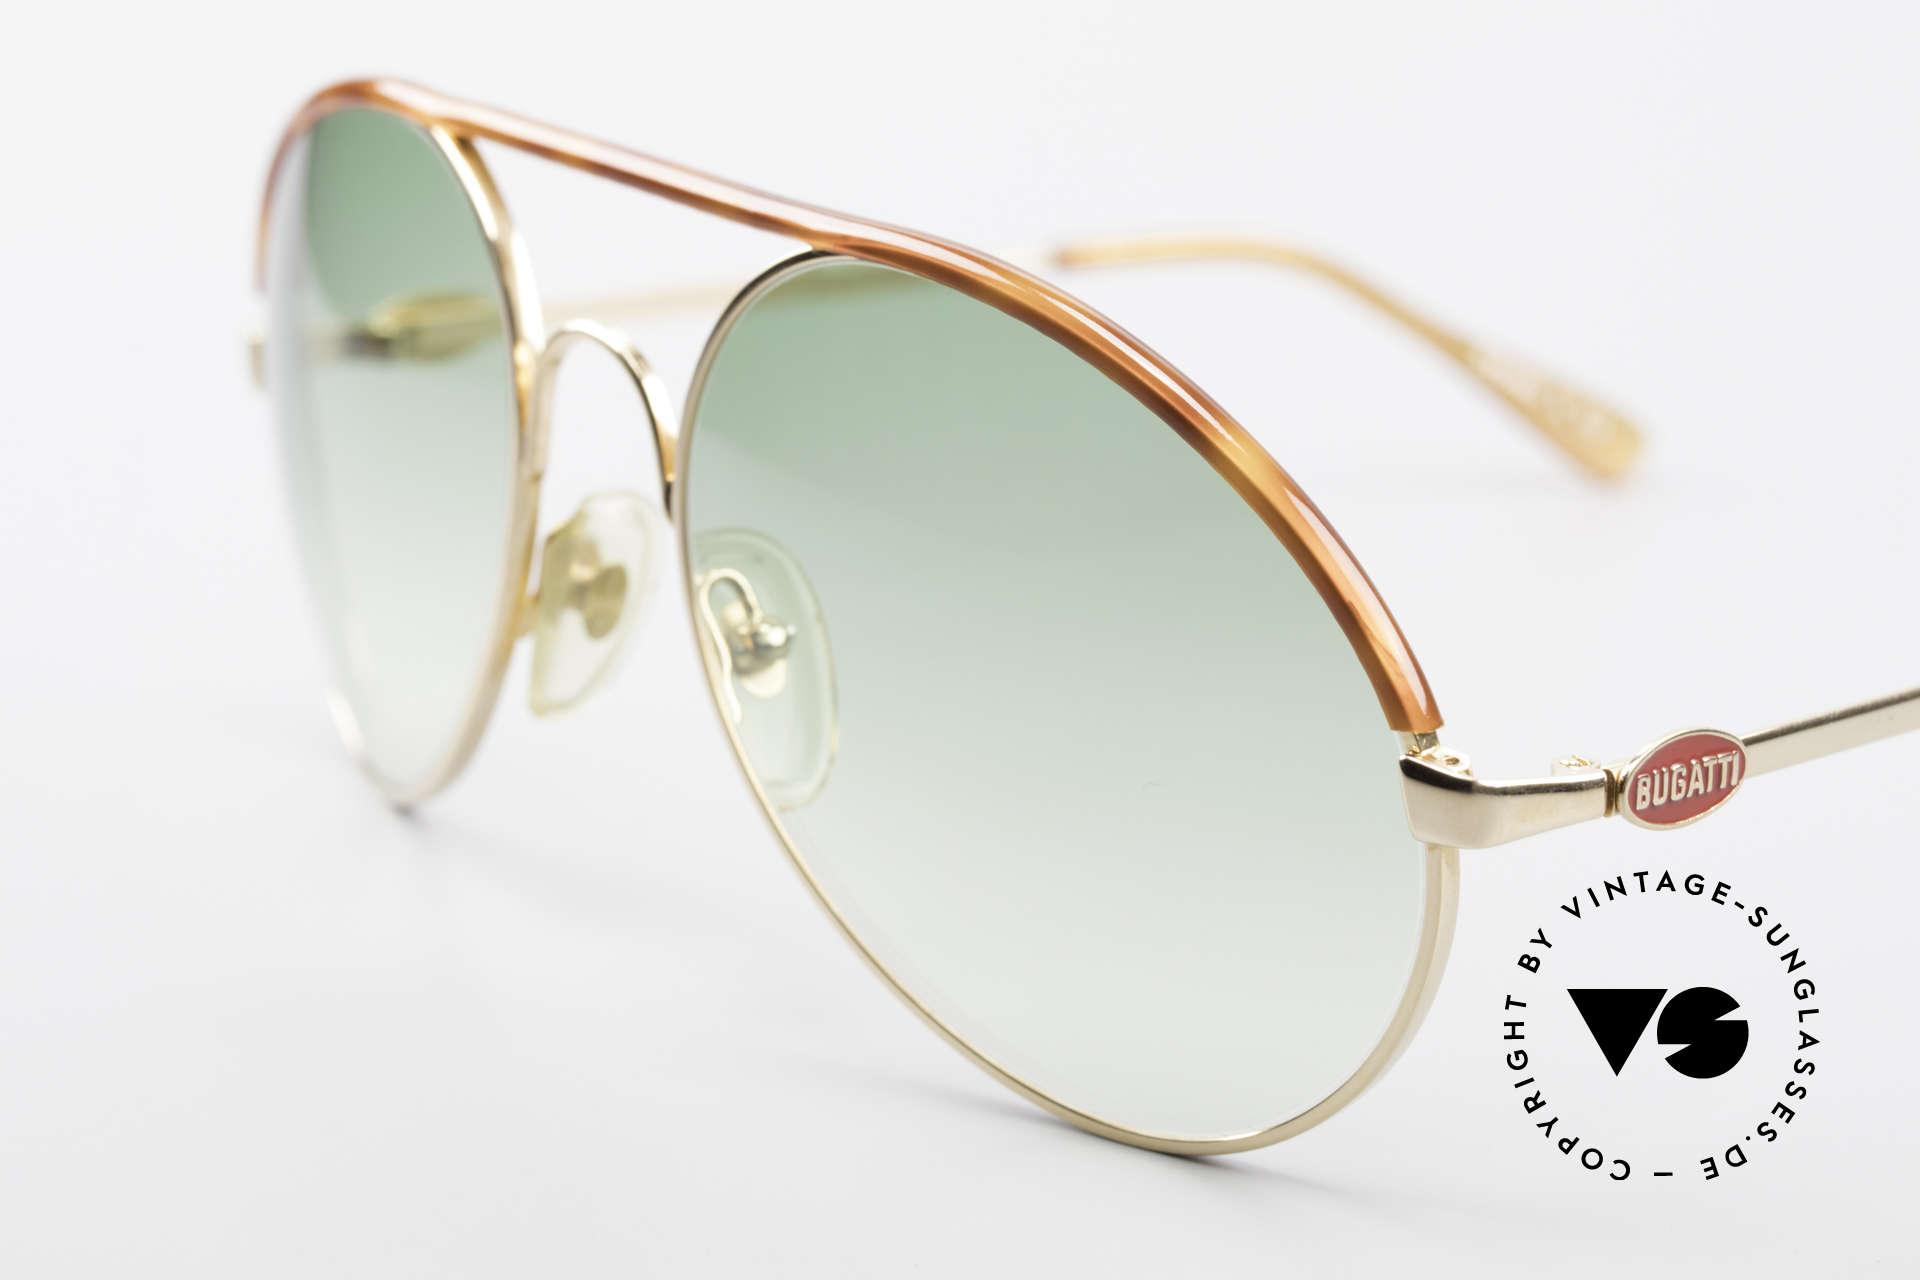 Bugatti 65986 80er Herren XL Sonnenbrille, Größe 58 = die extra-LARGE Größe von Bugatti, Passend für Herren